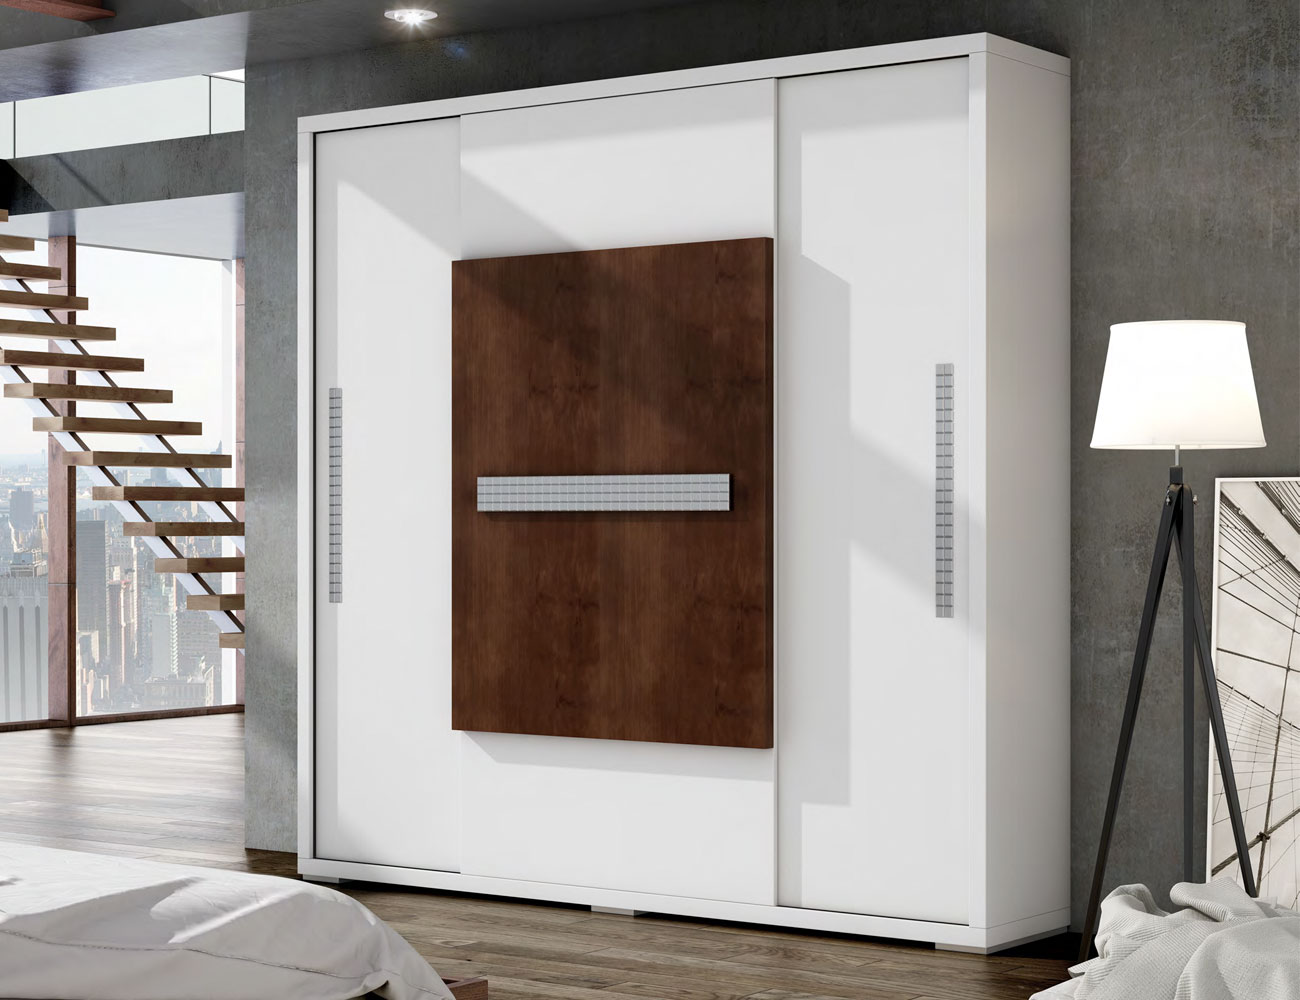 comp armario puertas correderas blanco nogal classic